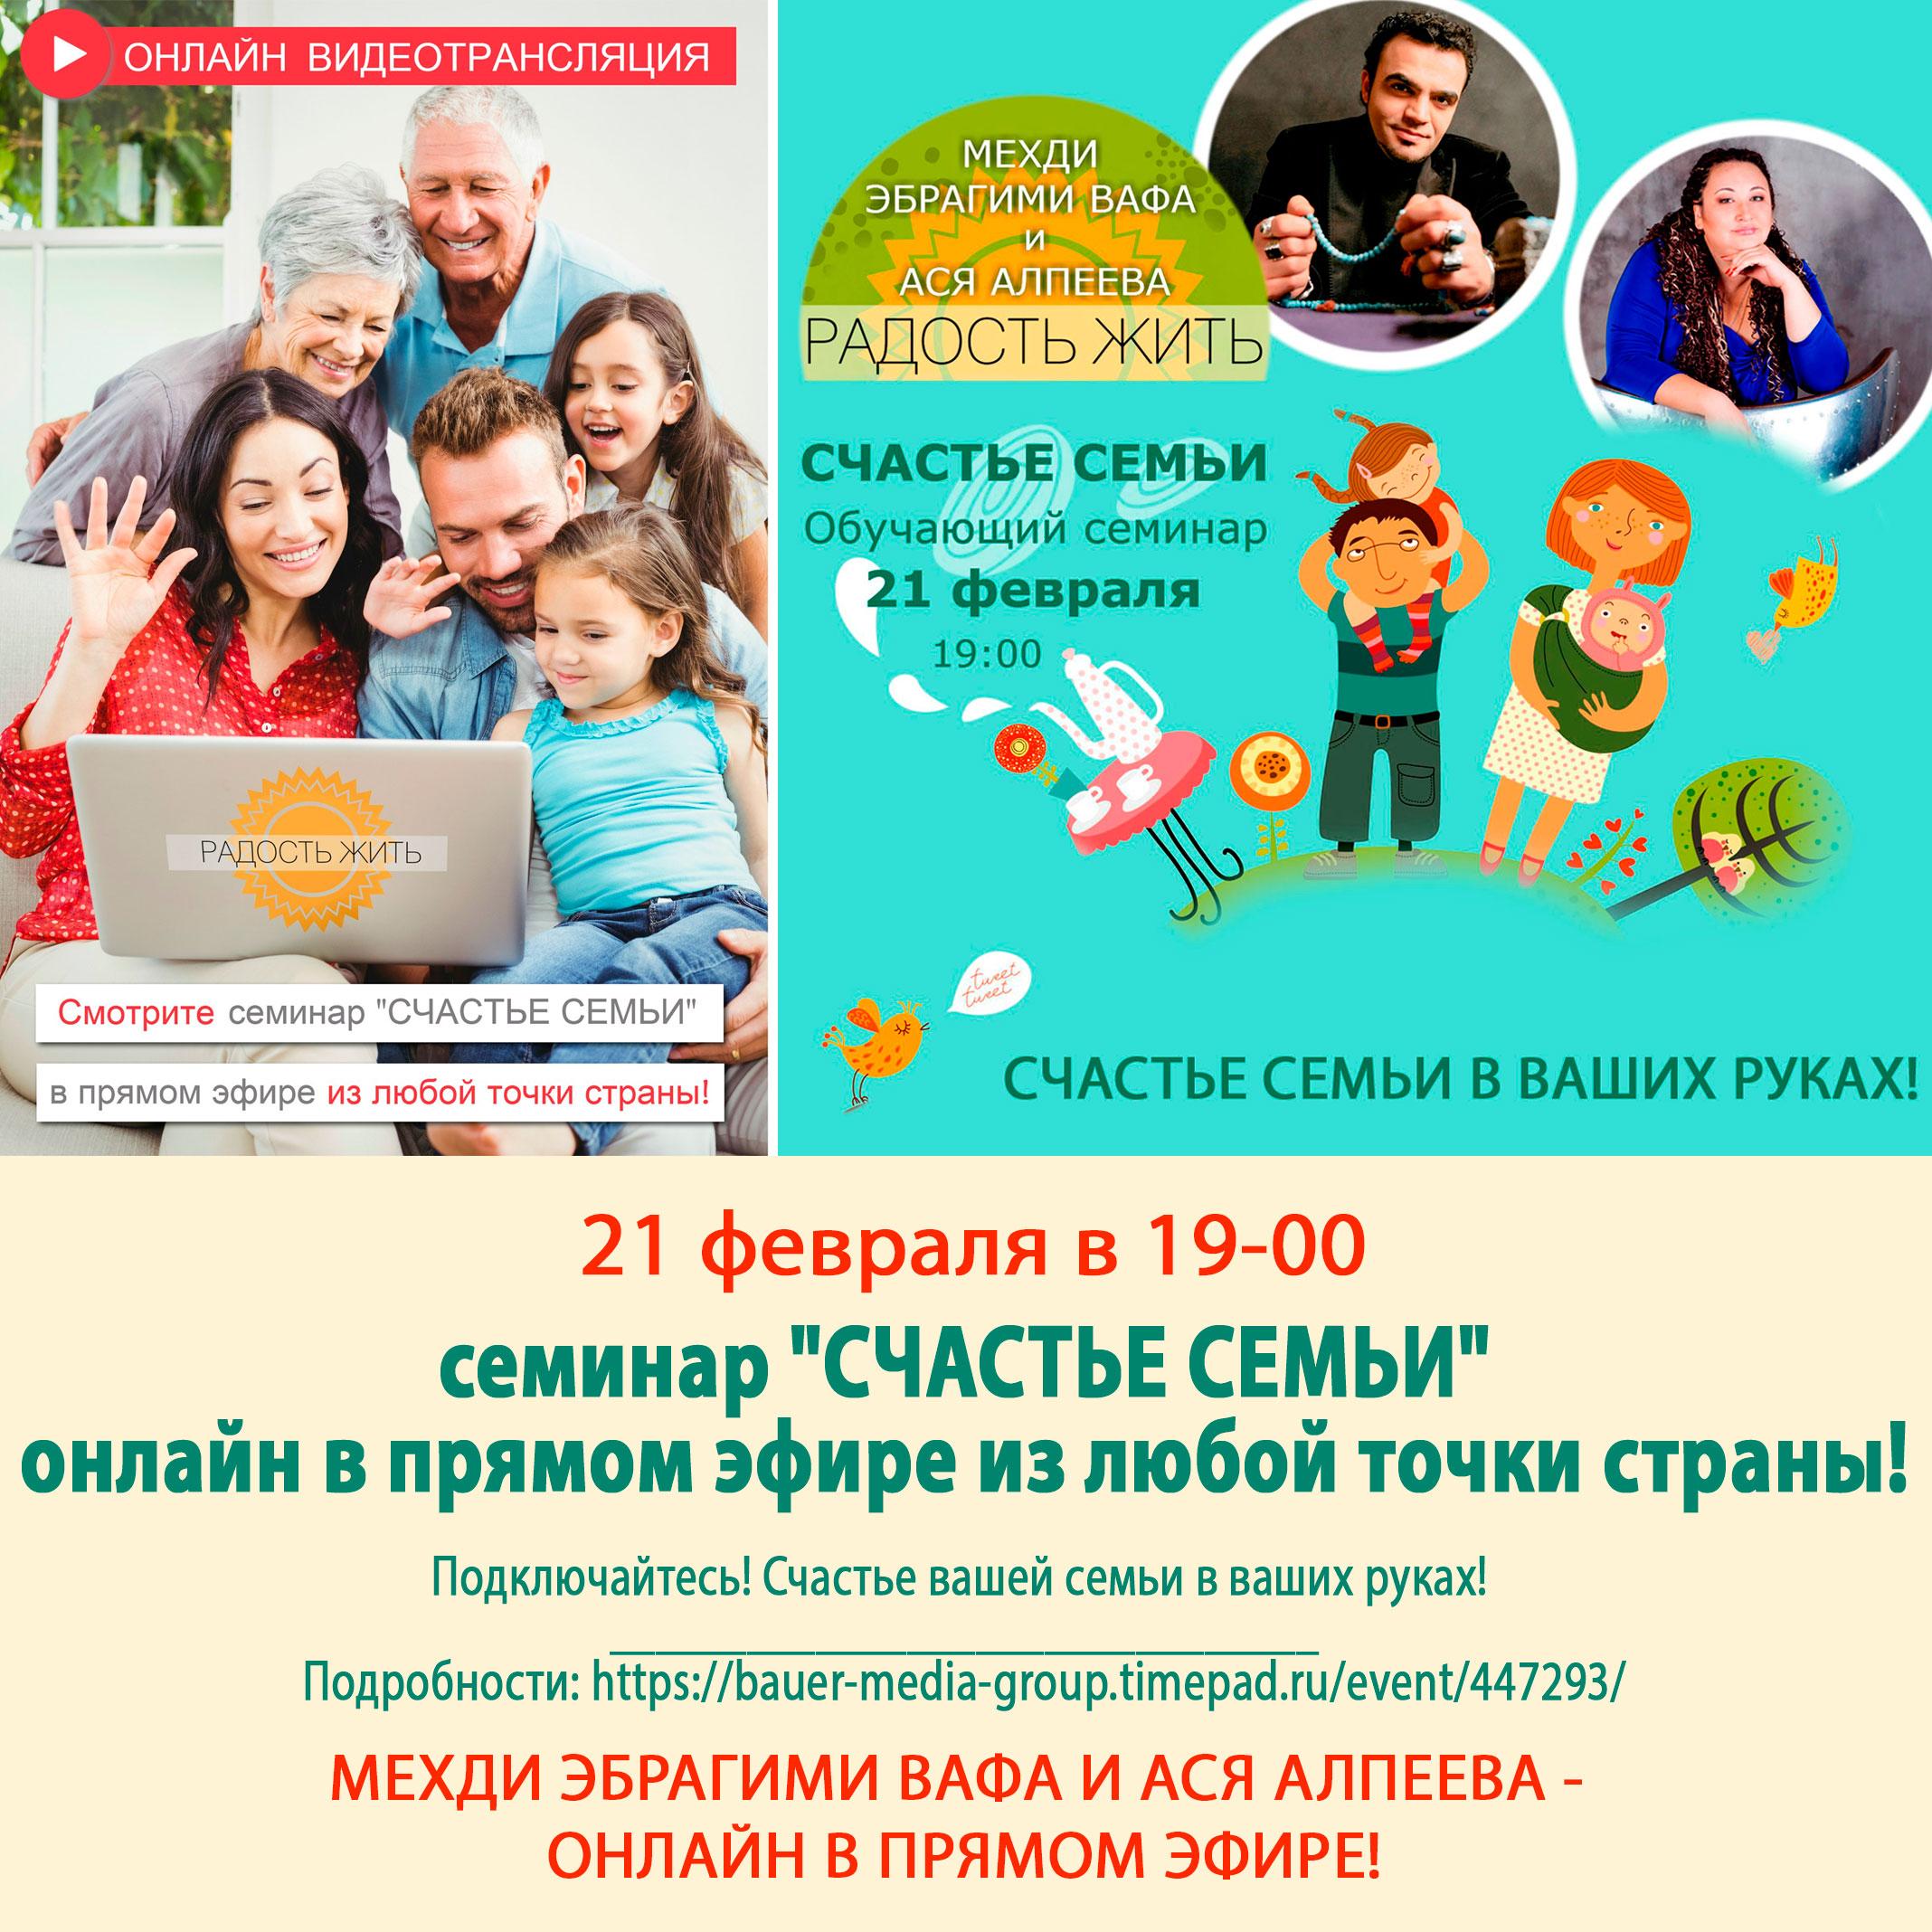 schastie-semyi-seminar-mehdi-asya-online